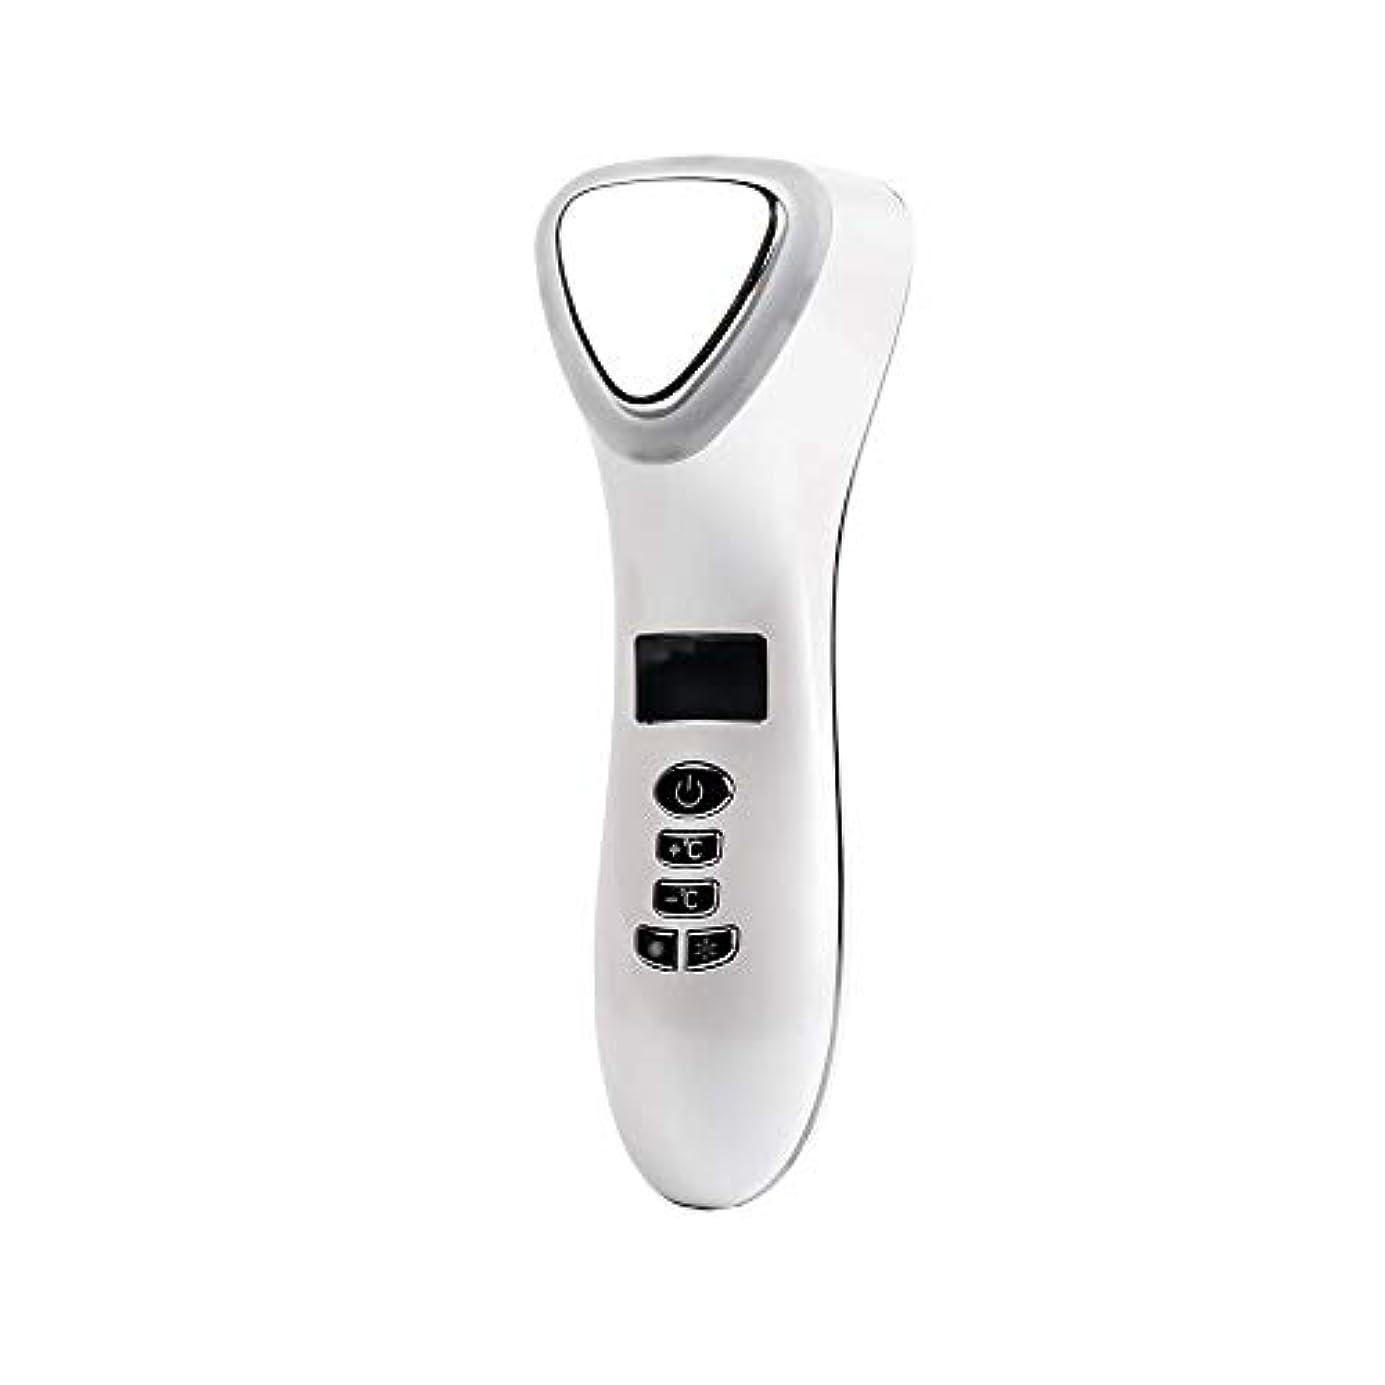 確保する溝薬理学JMY クレンジング器、美顔器、フェイシャル?SPA、にきび光線療法、振動ファーミングトリートメント